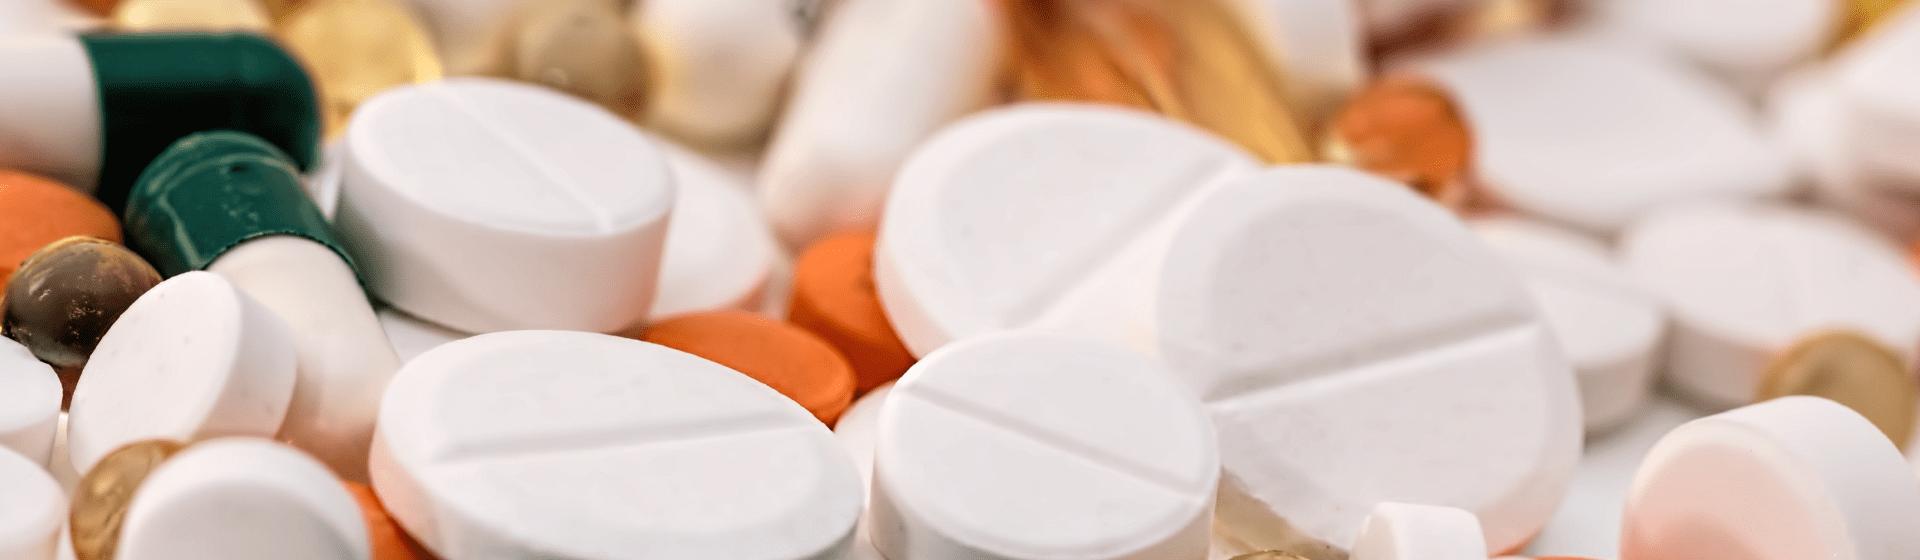 Medikamente mit Valsartan sind wahrscheinlich krebserregend.